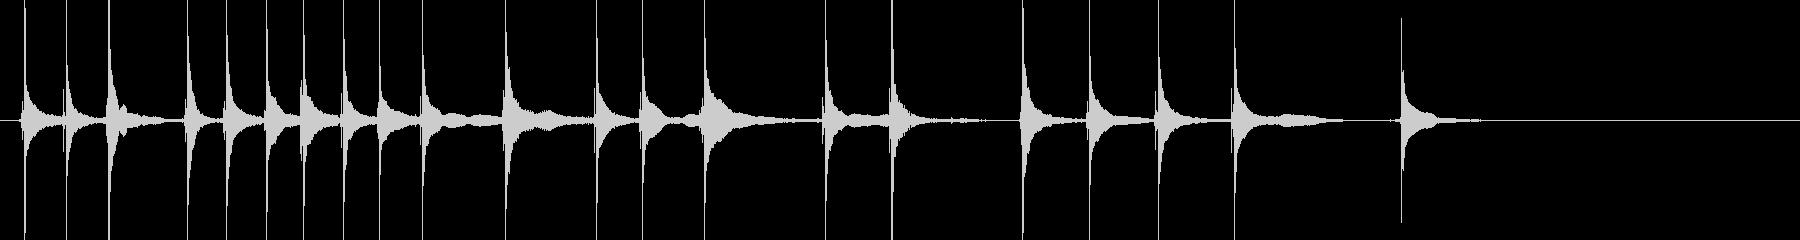 三味線24娘道成寺3日本式レビューショーの未再生の波形